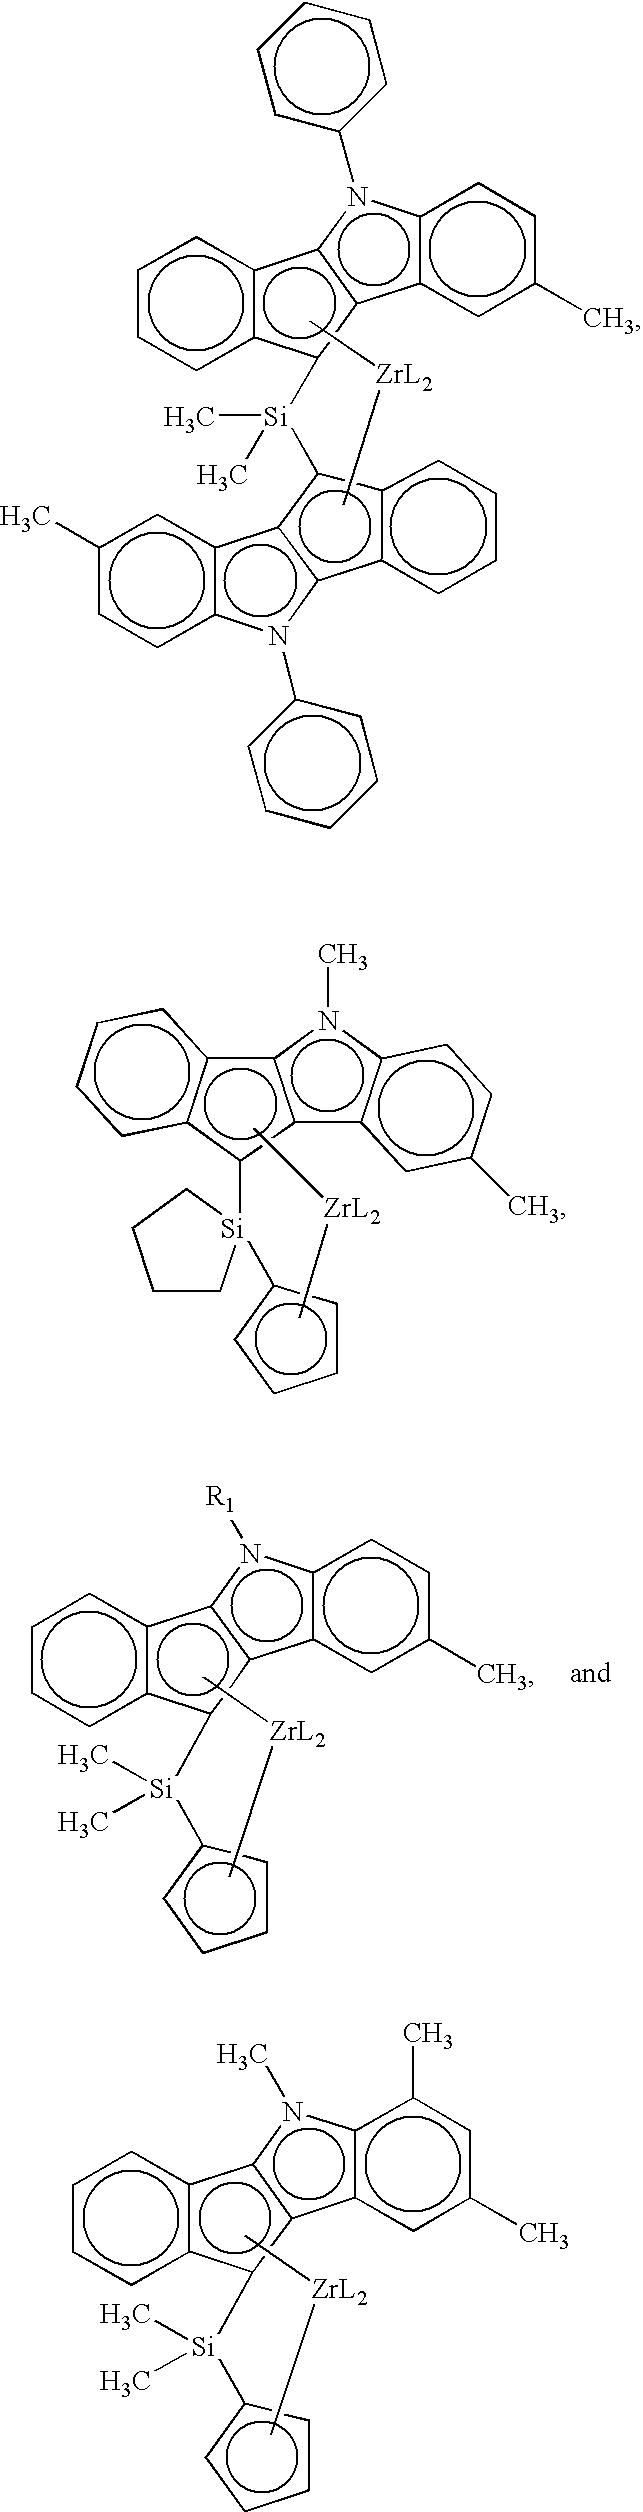 Figure US07655740-20100202-C00002